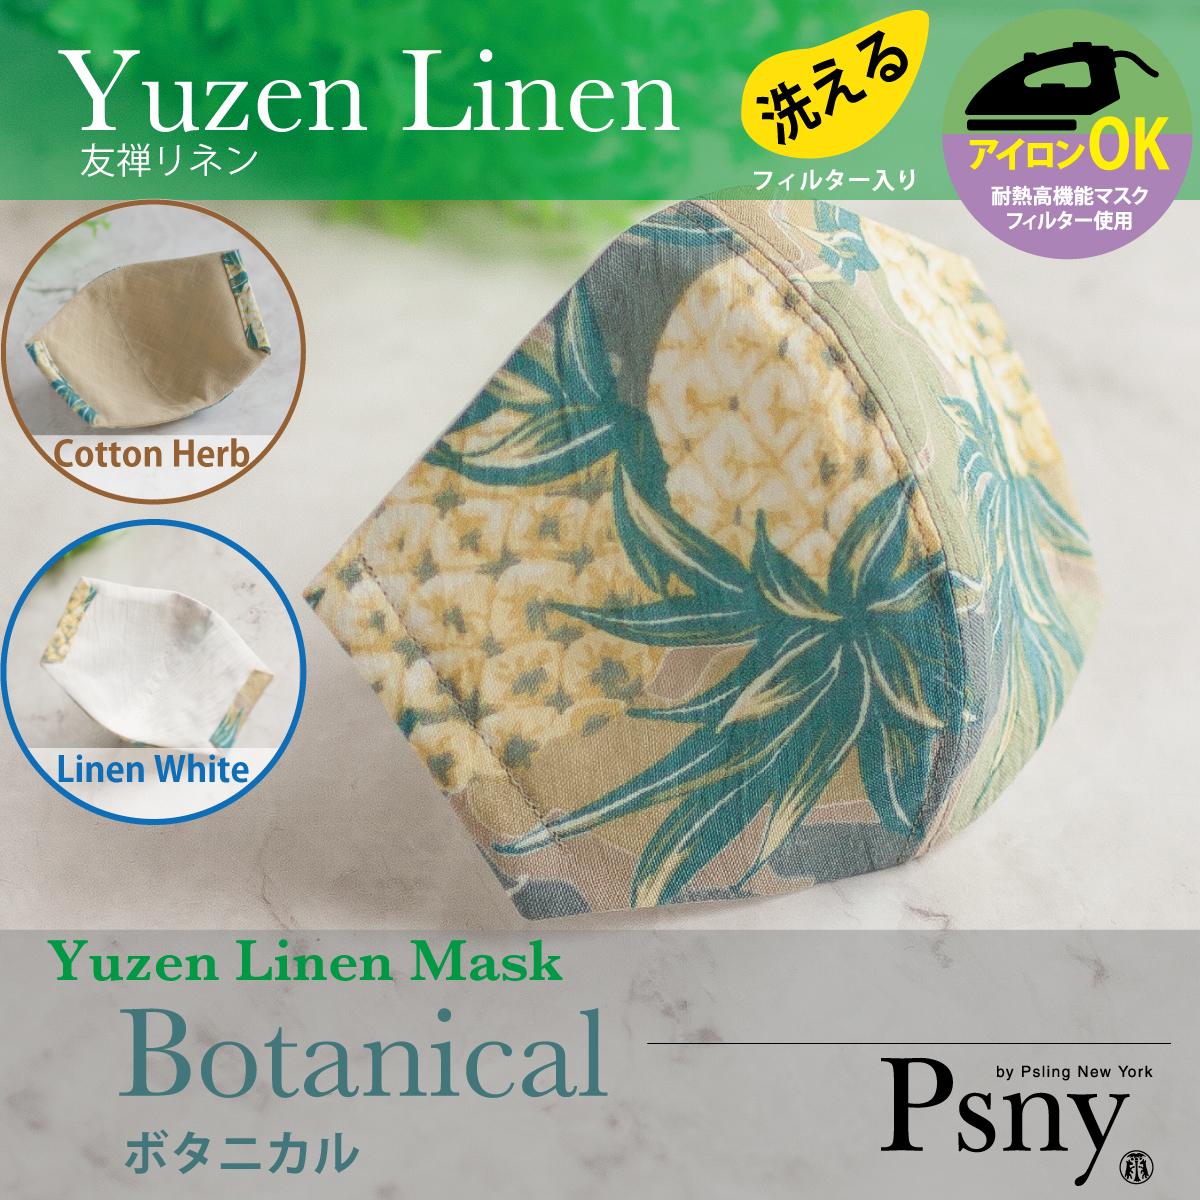 友禅マスク・ボタニカル 洗えるフィルター入り 立体 マスク大人 黄砂花粉